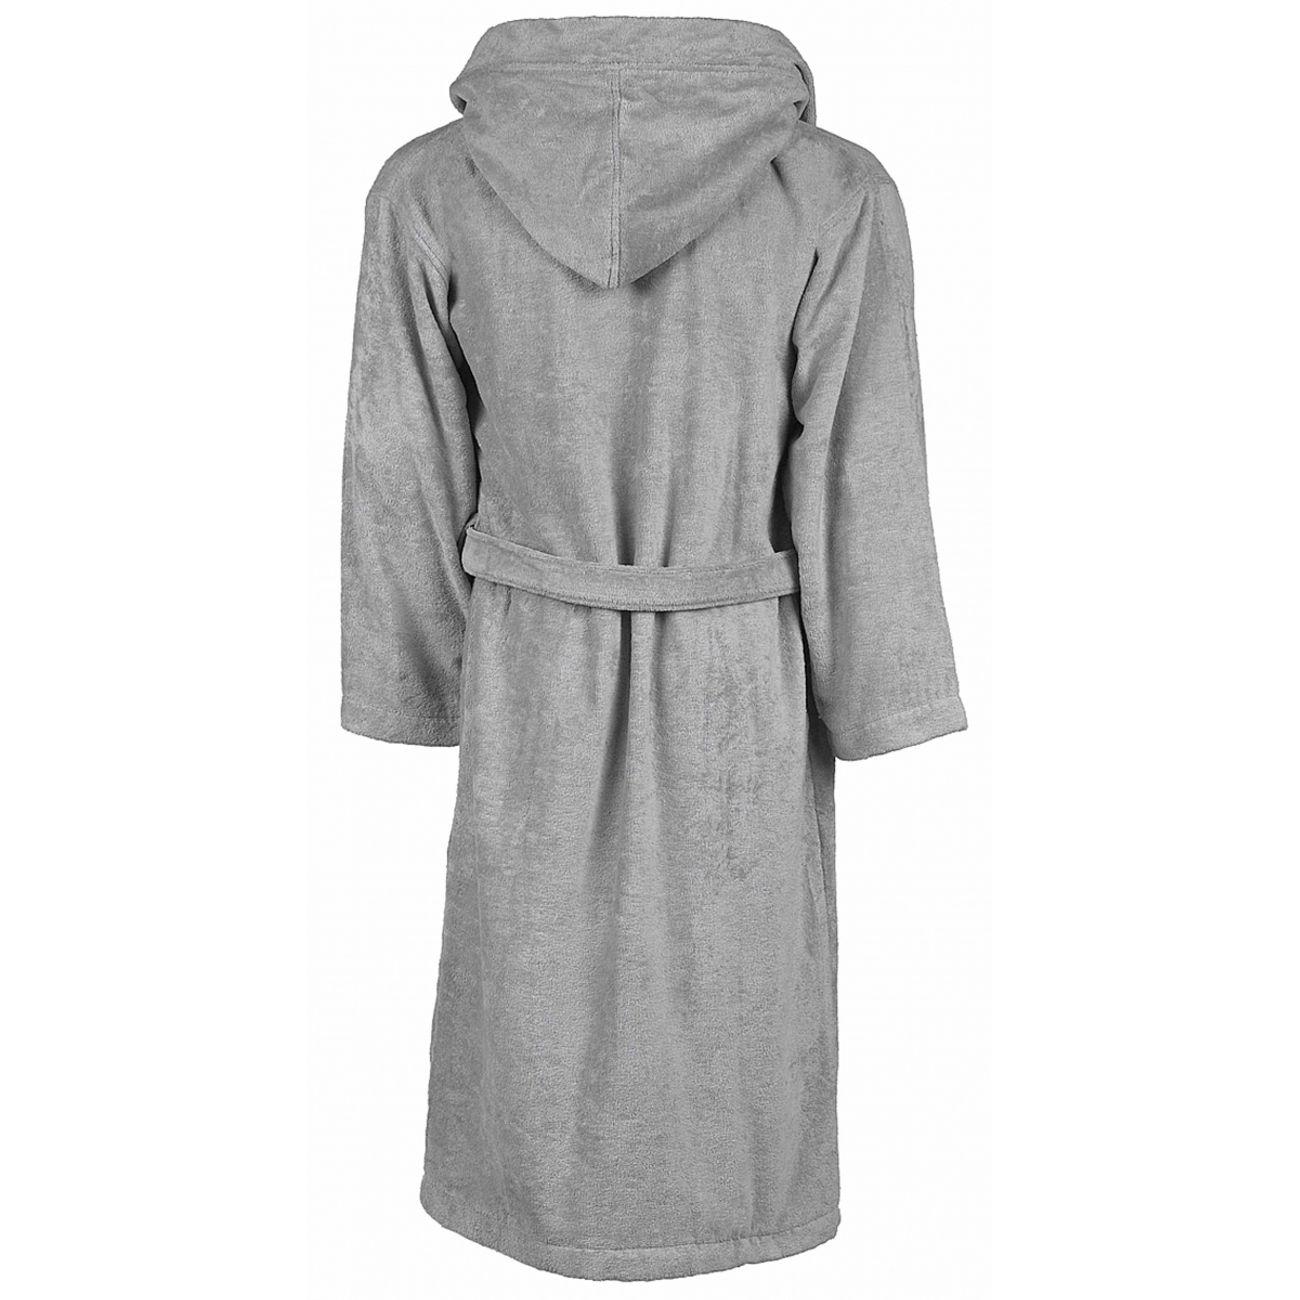 c849ea3b0db Mode- Lifestyle adulte KARIBAN Peignoir de bain - coton velours - K119 -  gris ...